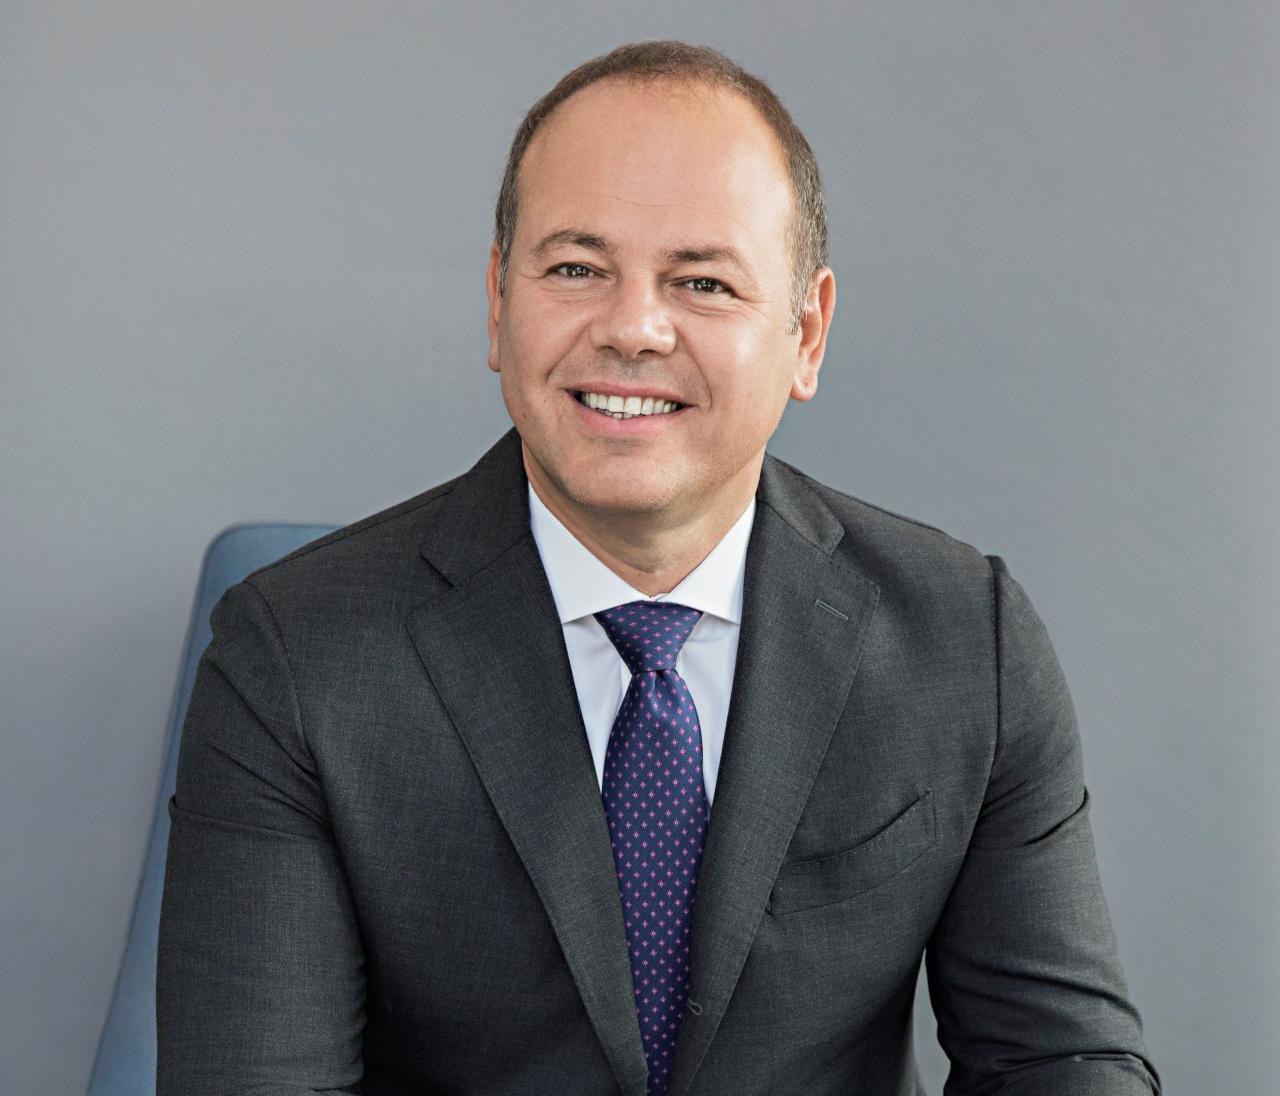 carlo barlocco executive director motorola europe expansion lenovo